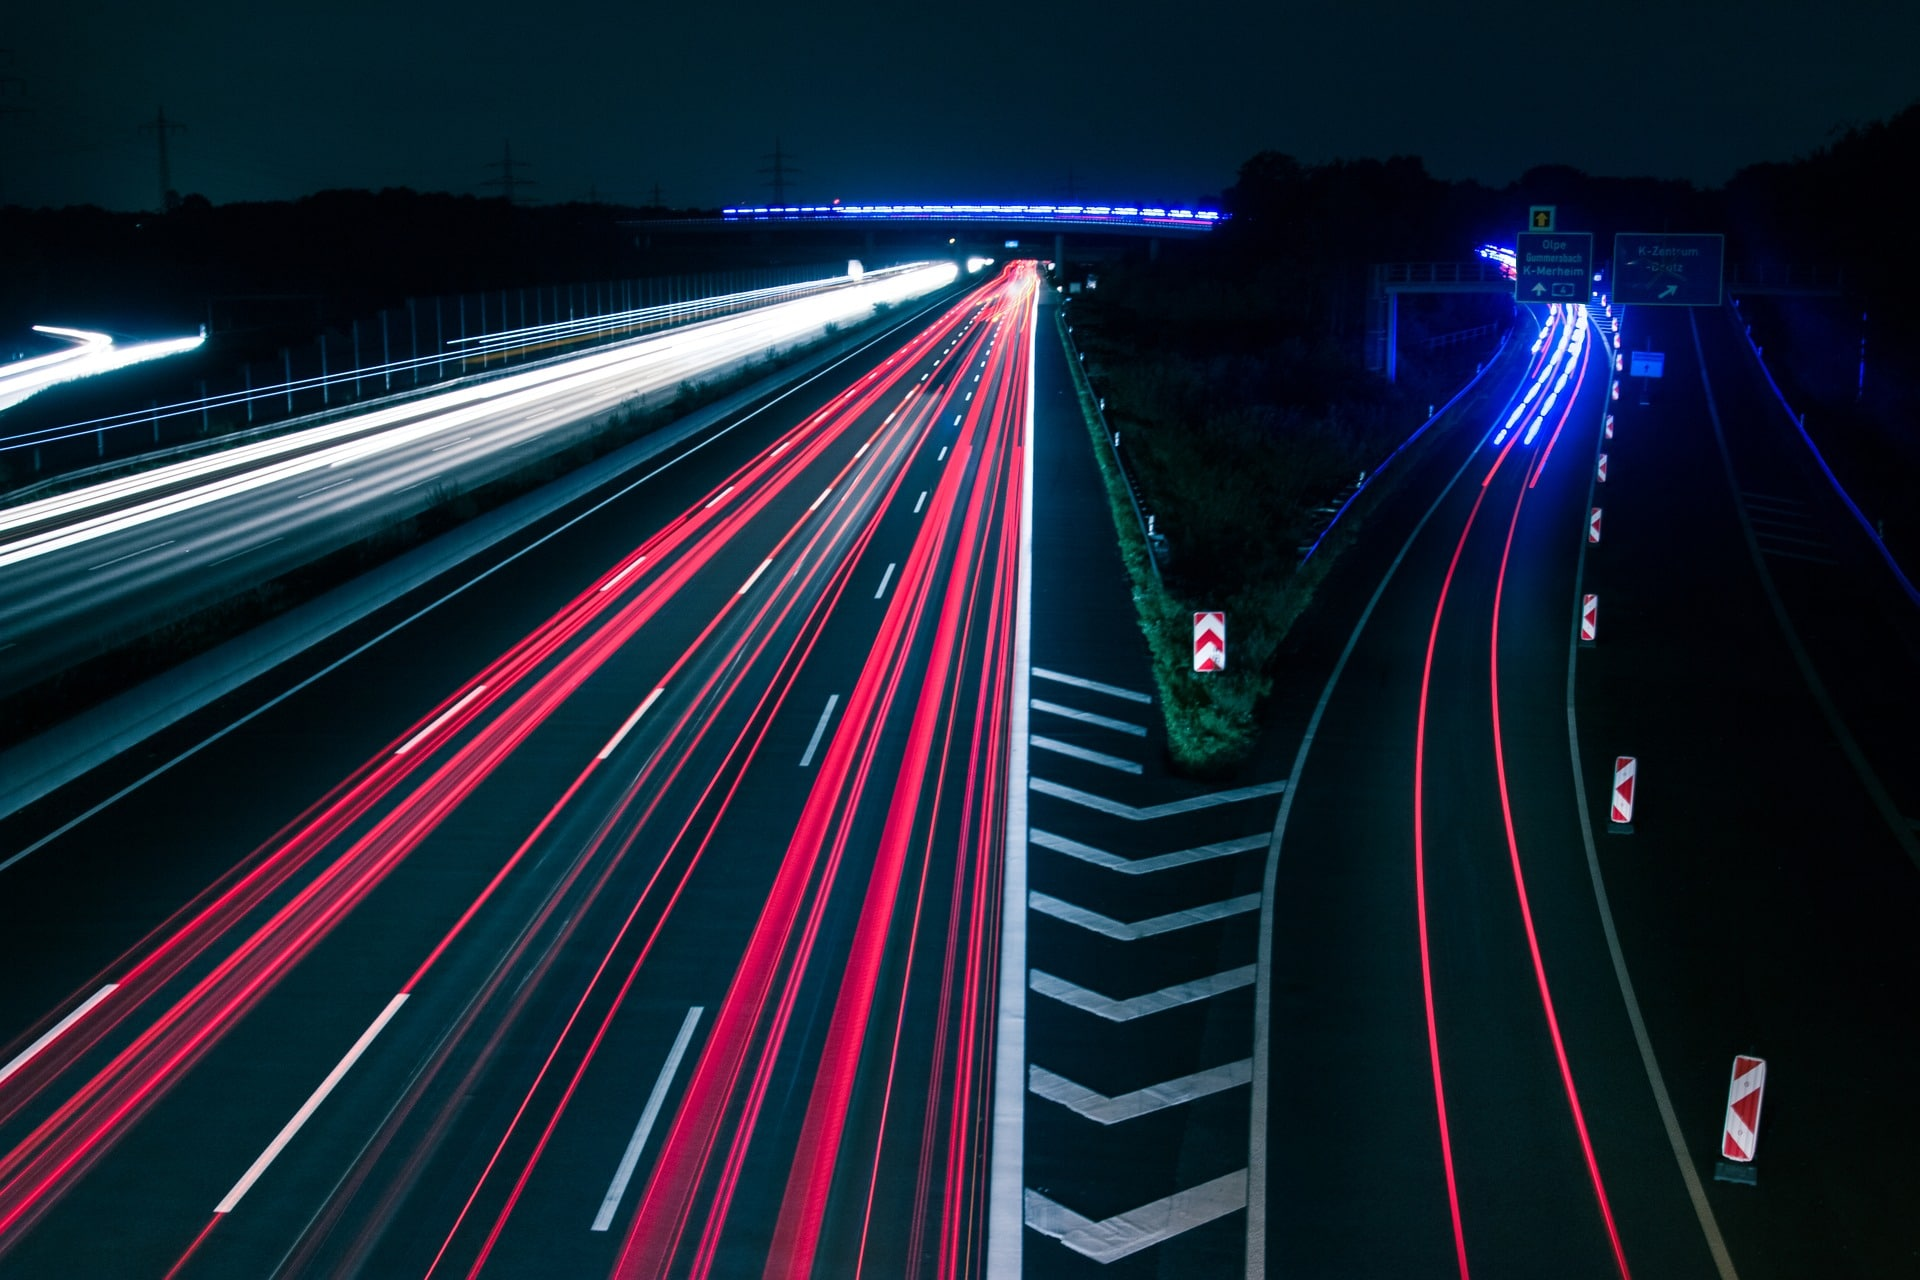 traffic 2007979 1920 - Roleit GmbH & Co. KG mit neuer Internetpräsenz